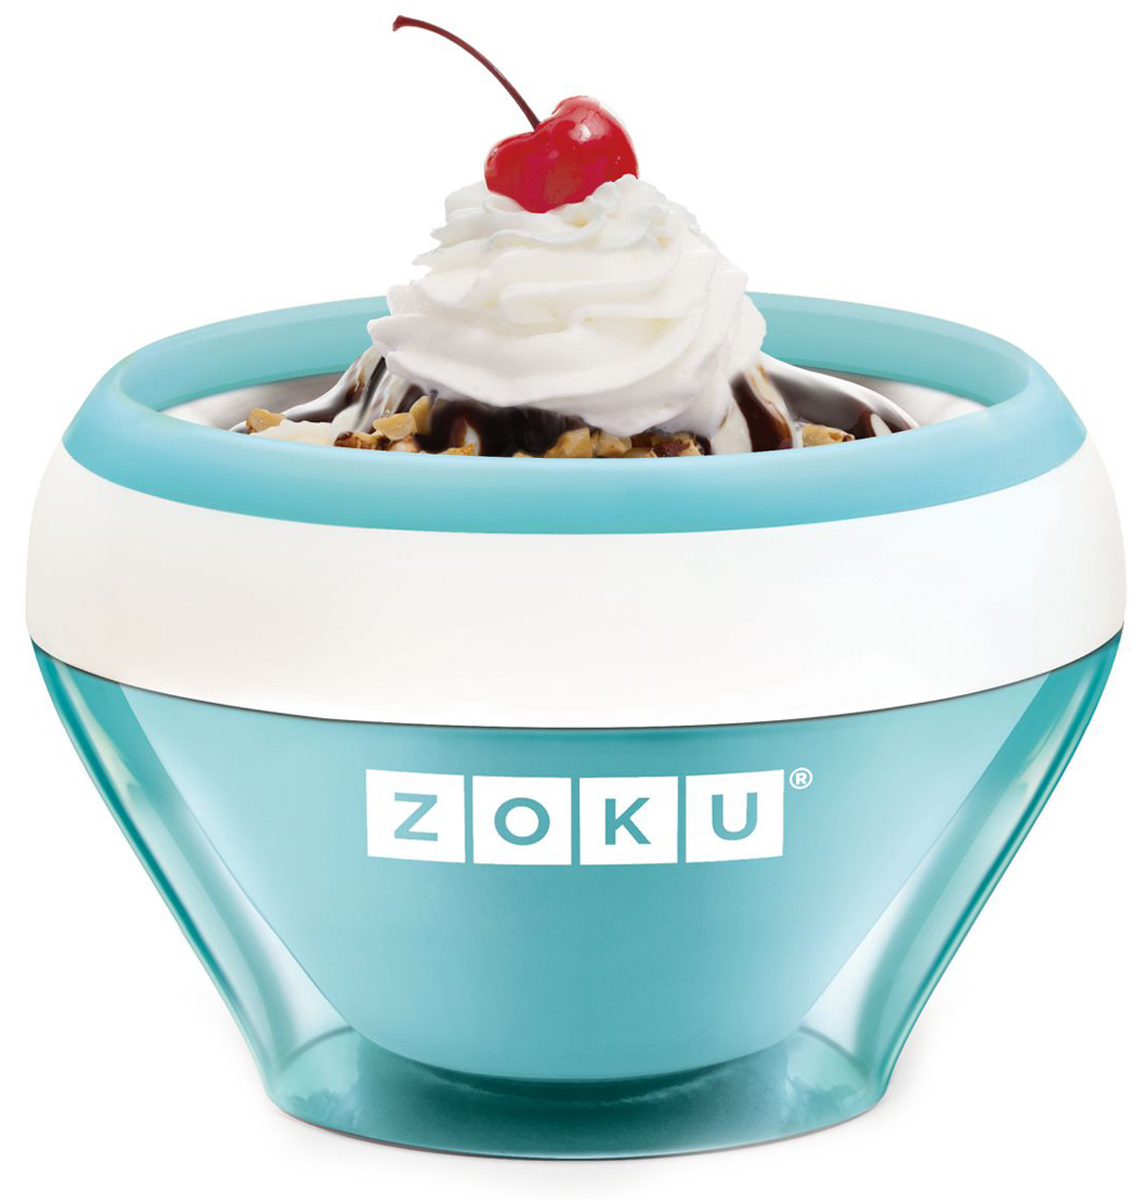 Мороженица Zoku Ice Cream Maker, цвет: голубой, 150 мл. ZK120-LBZK120-LBС помощью компактного Ice Cream Maker вы сможете быстро и без усилий приготовить натуральные домашние десерты: мороженое, сорбет, щербет, замороженный йогурт, заварной крем и прочие лакомства. Почувствуйте себя настоящим профессионалом – создавайте вкусные и полезные десерты на основе натуральных ингредиентов. Комбинируйте вкусовые добавки и украшайте готовое мороженое фруктами, сладкими или пряными присыпками, орехами и шоколадом. Как использовать: 1. Поместите внутреннюю пустую форму в морозильную камеру на двенадцать и более часов. Форма должна быть абсолютно сухой и располагаться вертикально.2. Через двенадцать часов верните её во внешний корпус и наполните желаемыми продуктами. Все ингредиенты должны быть охлажденными.3. Сразу начинайте перемешивать массу с помощью специальной ложки. Не давайте краям примерзнуть к форме. Через 7-10 минут ваш десерт готов. Для получения твердого мороженого поместите форму в морозильную камеру на дополнительные 10-15 минут. Объем - 150 мл. Не содержит вредных примесей и бисфенола-А. Не подходит для использования в микроволновой печи. Моется вручную.